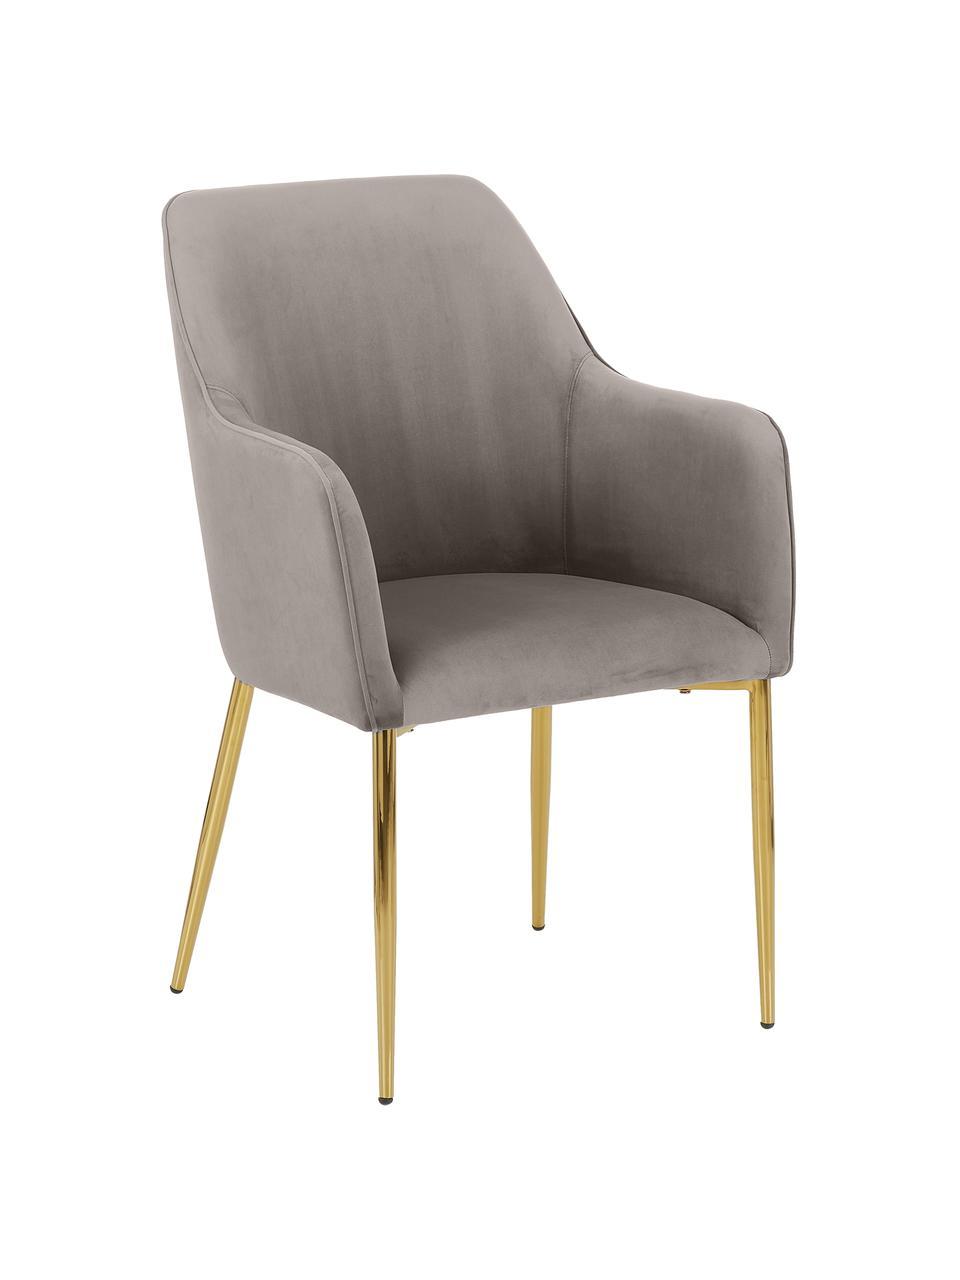 Samt-Armlehnstuhl Ava in Taupe, Bezug: Samt (100% Polyester) Der, Beine: Metall, galvanisiert, Samt Taupe, B 57 x T 63 cm